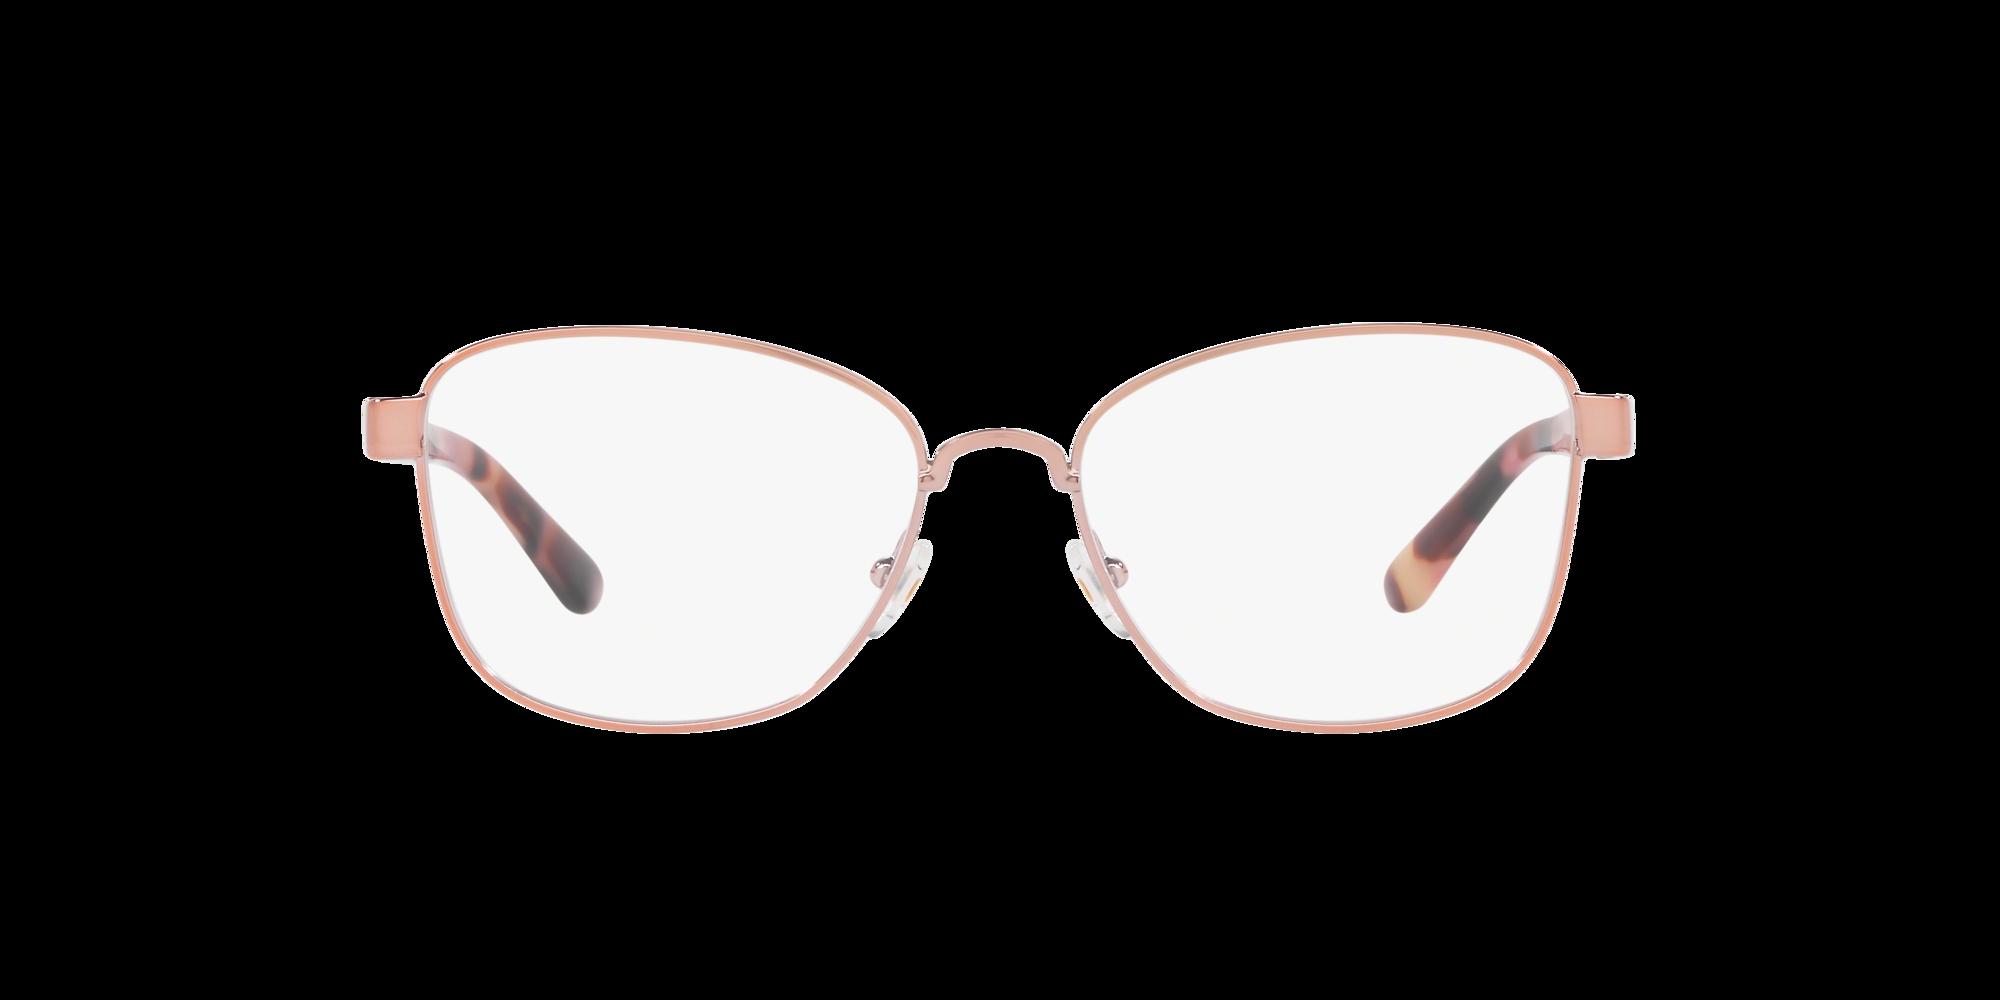 Imagen para TY1061 de LensCrafters    Espejuelos, espejuelos graduados en línea, gafas